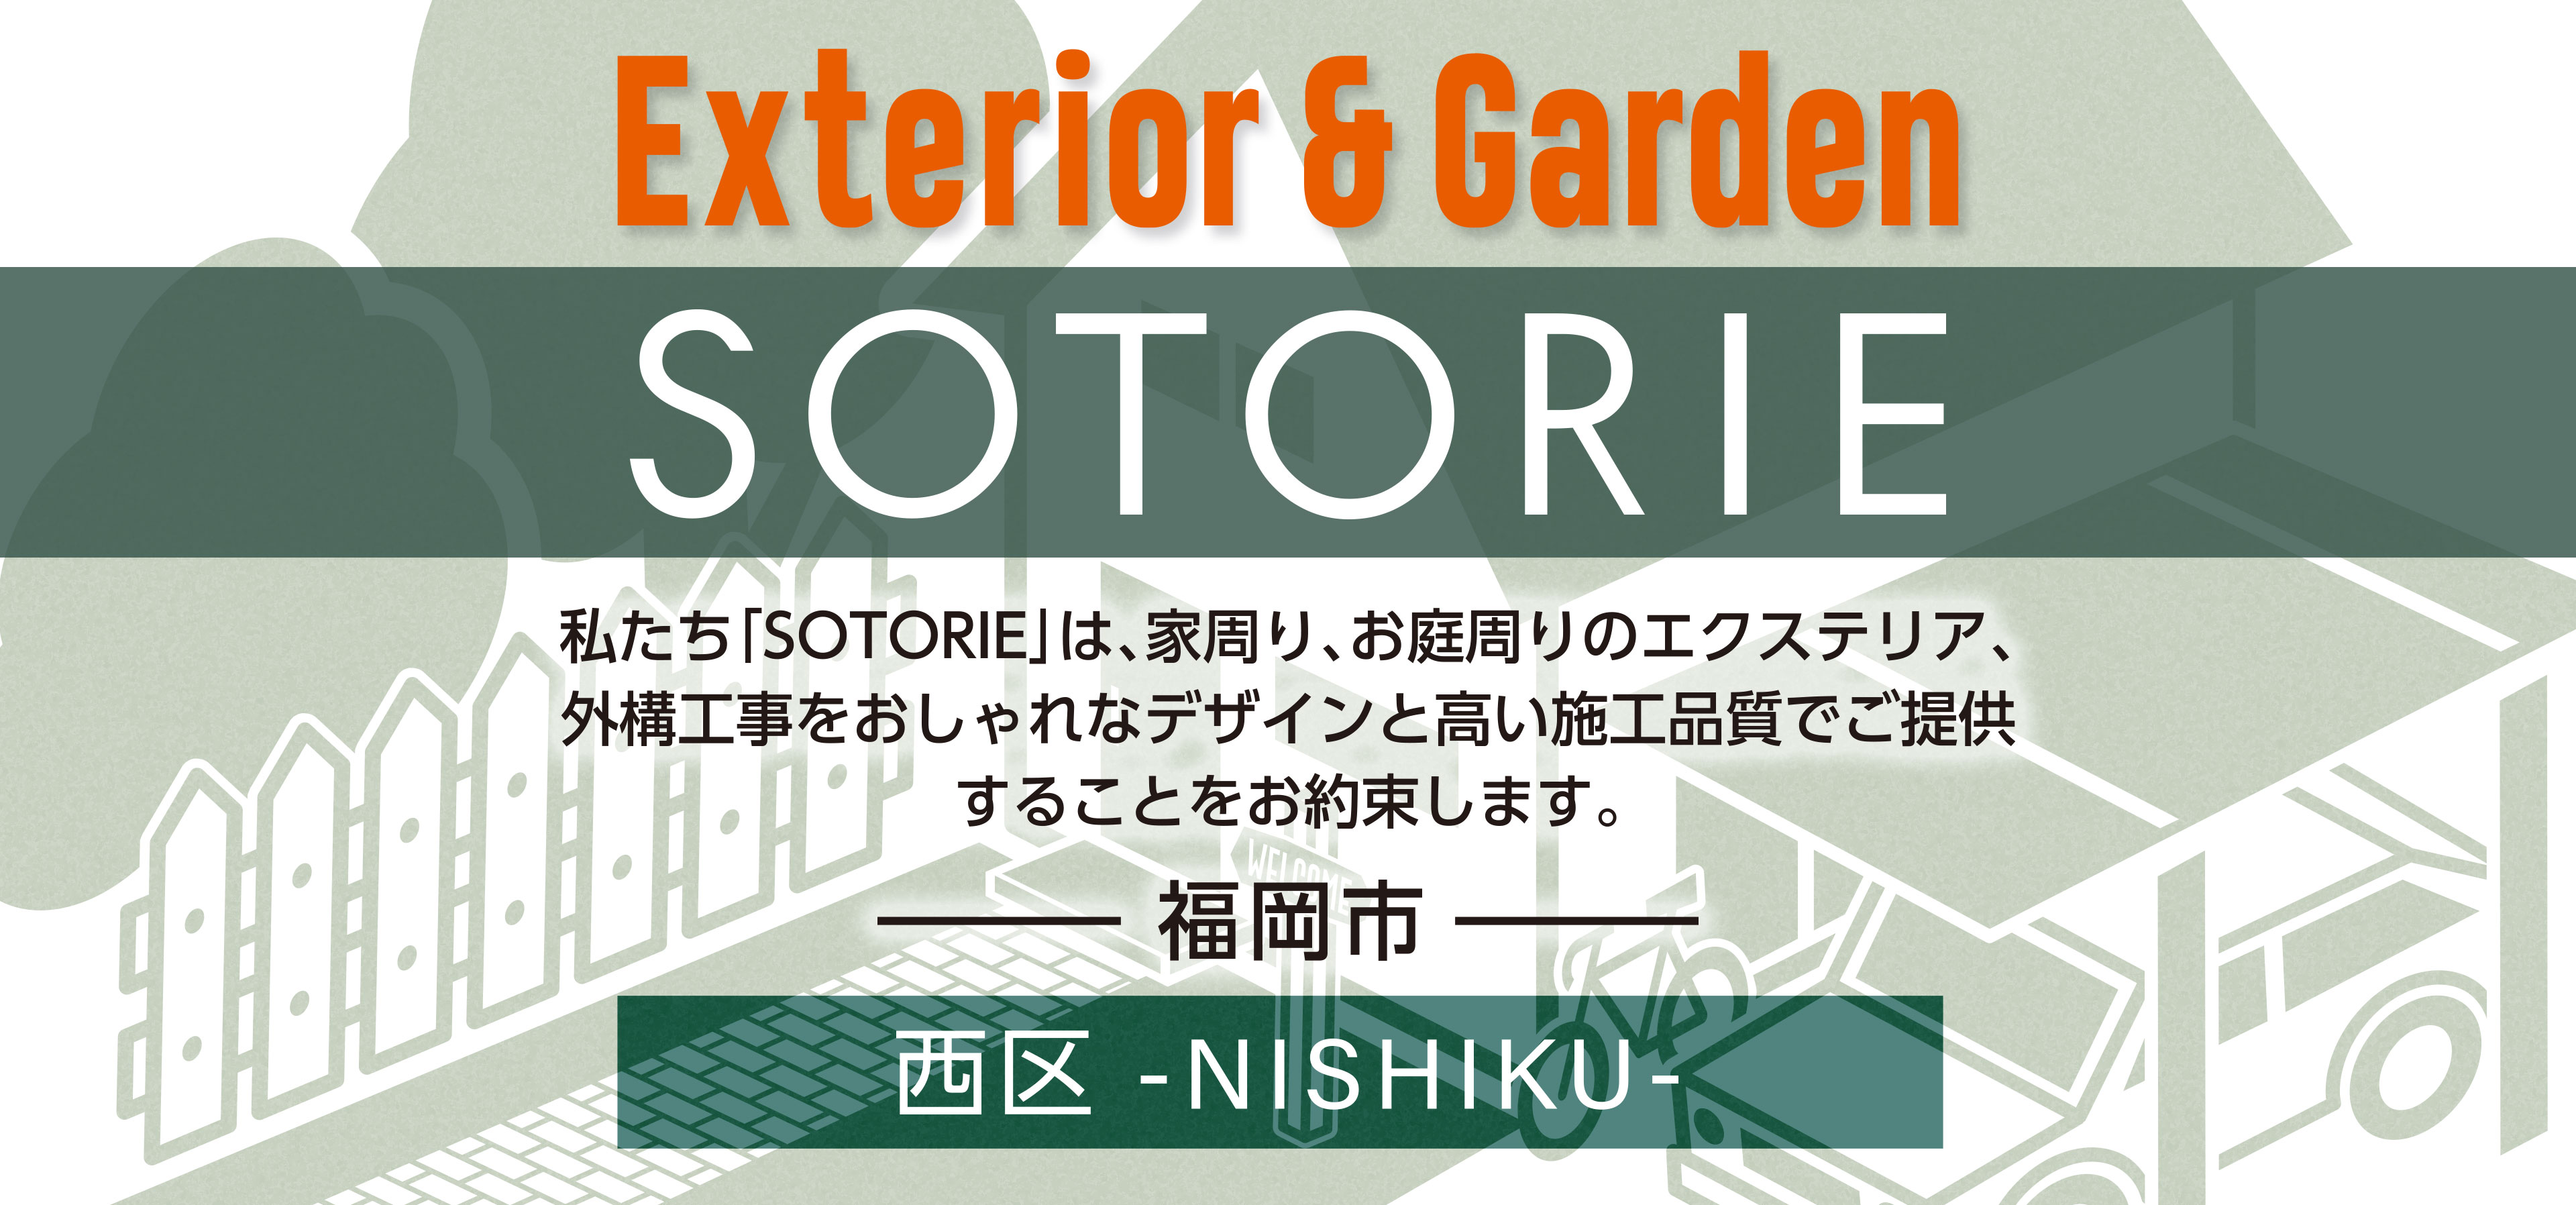 ソトリエ福岡市西区では、家周りと庭周りの外構、エクステリア工事をおしゃれなデザインと高い施工品質でご提供することをお約束します。